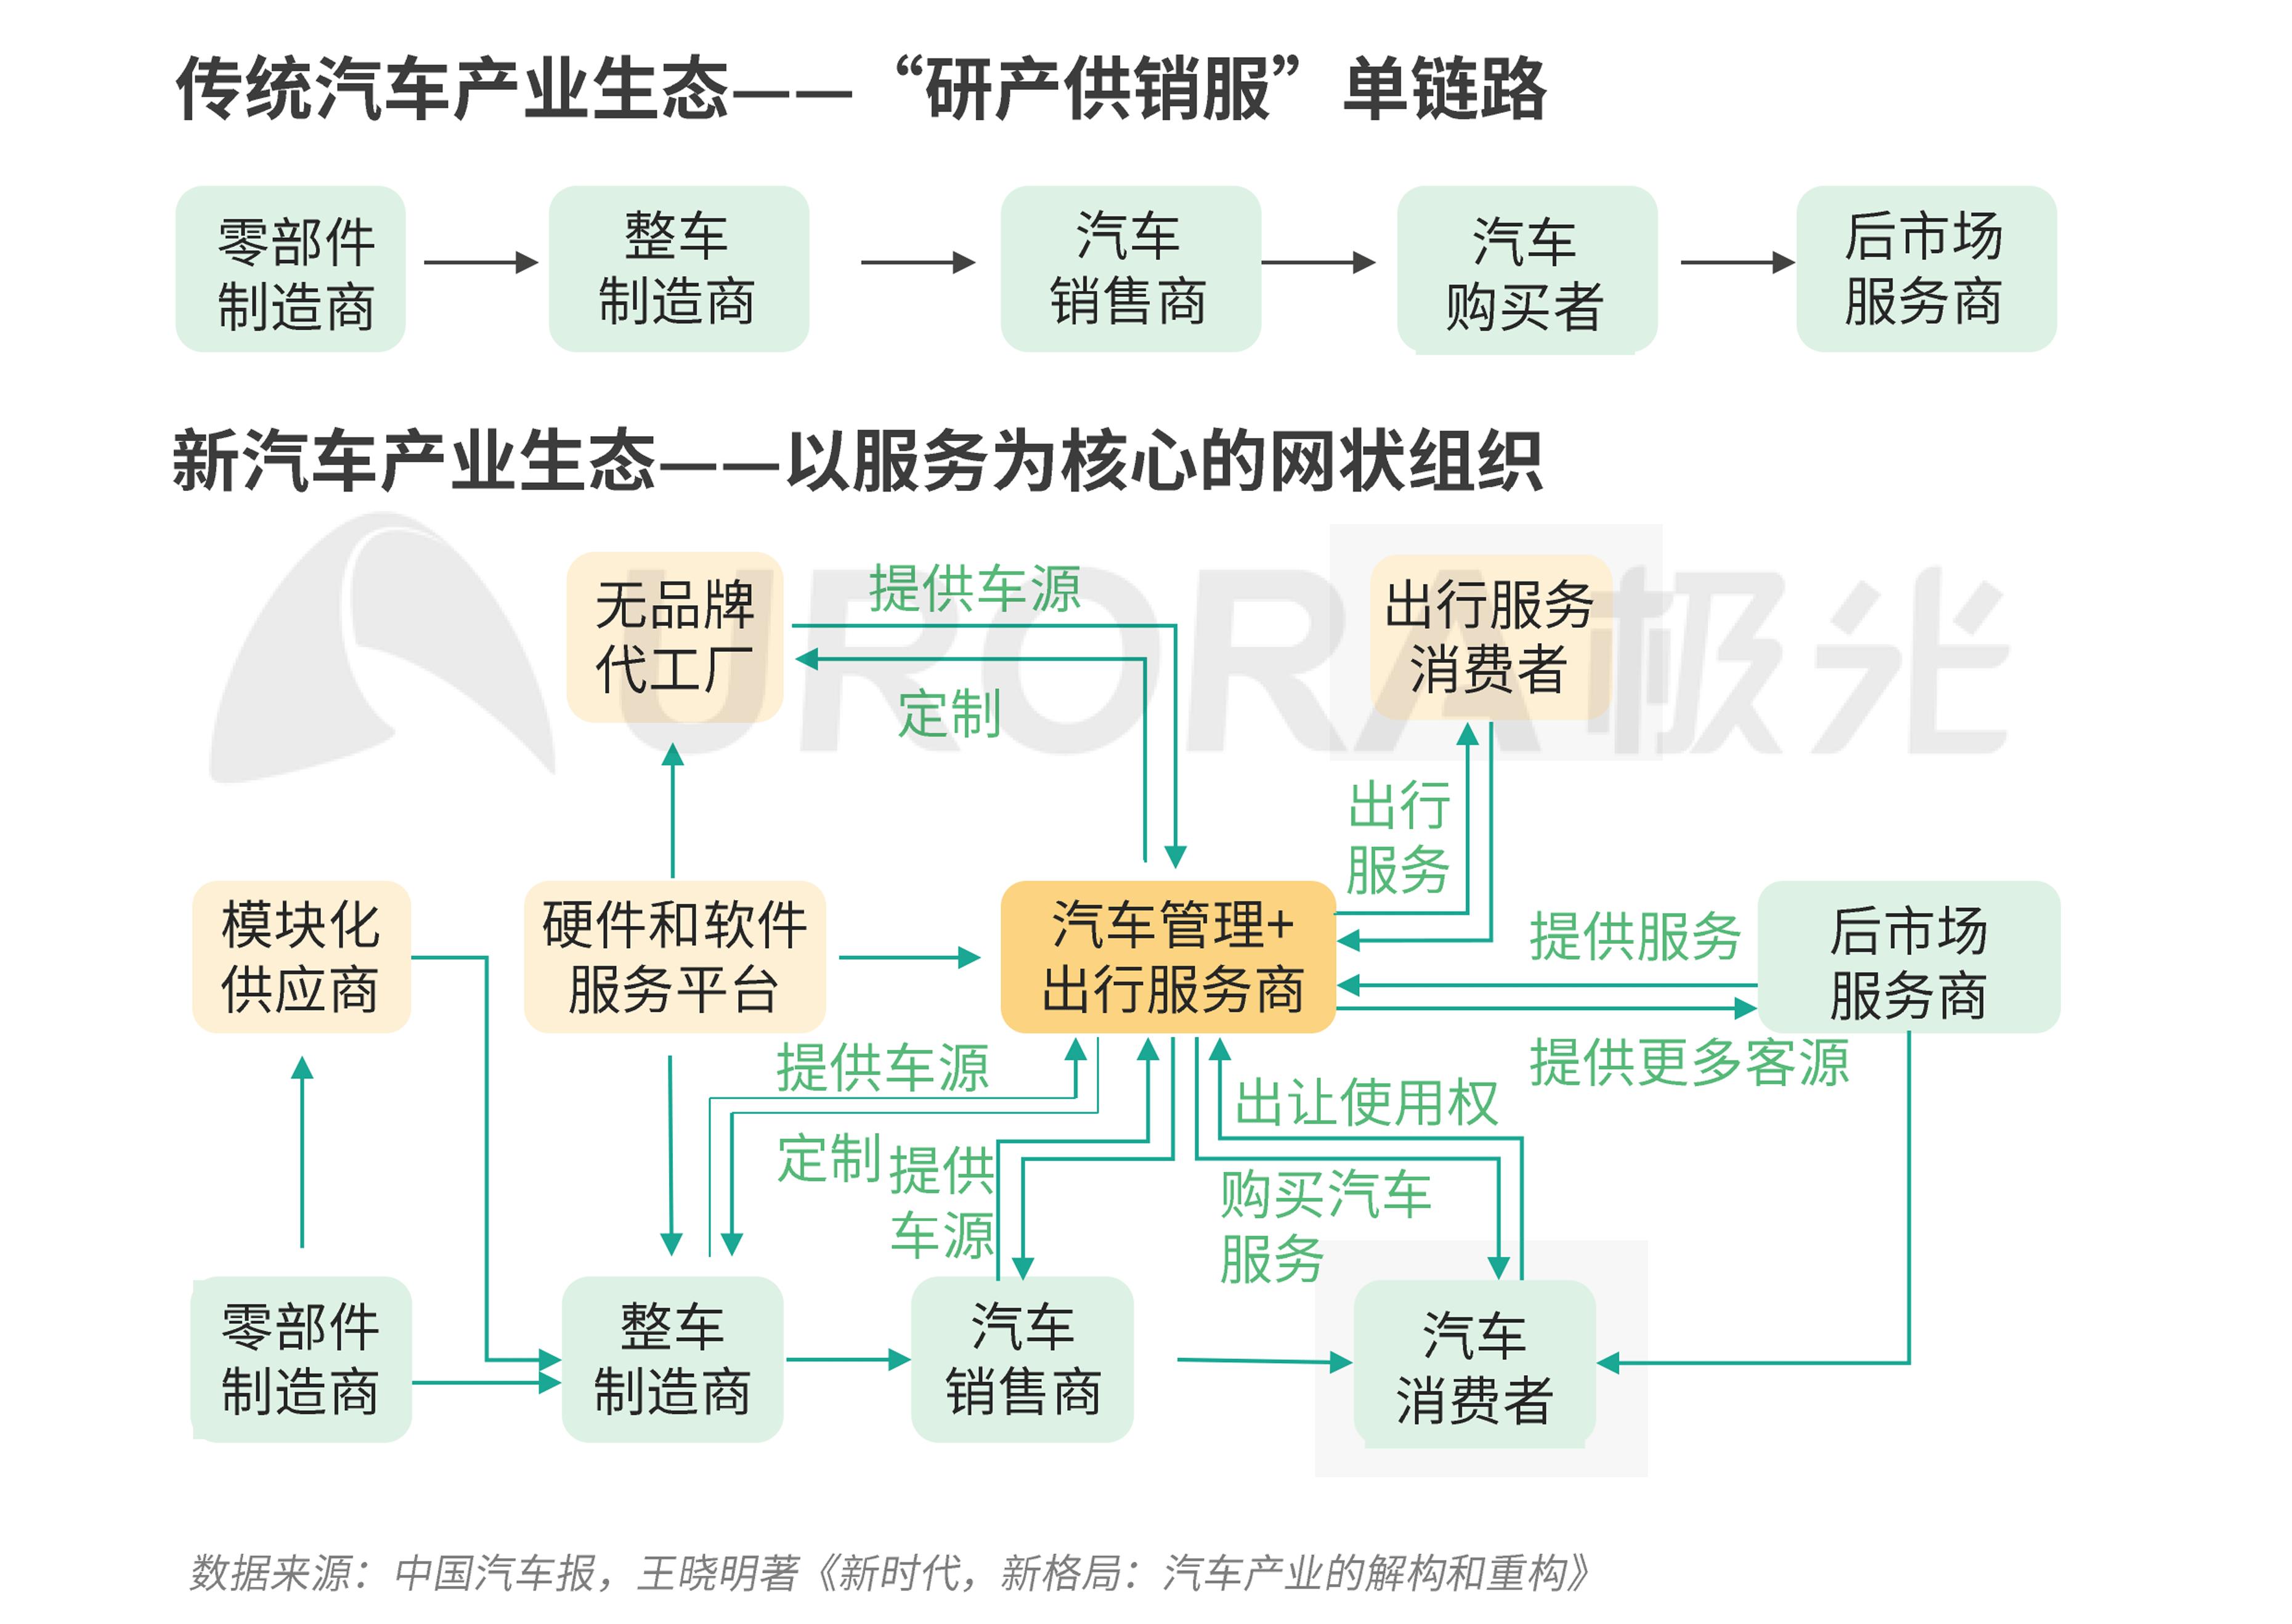 极光:汽车产业新格局 (14).png